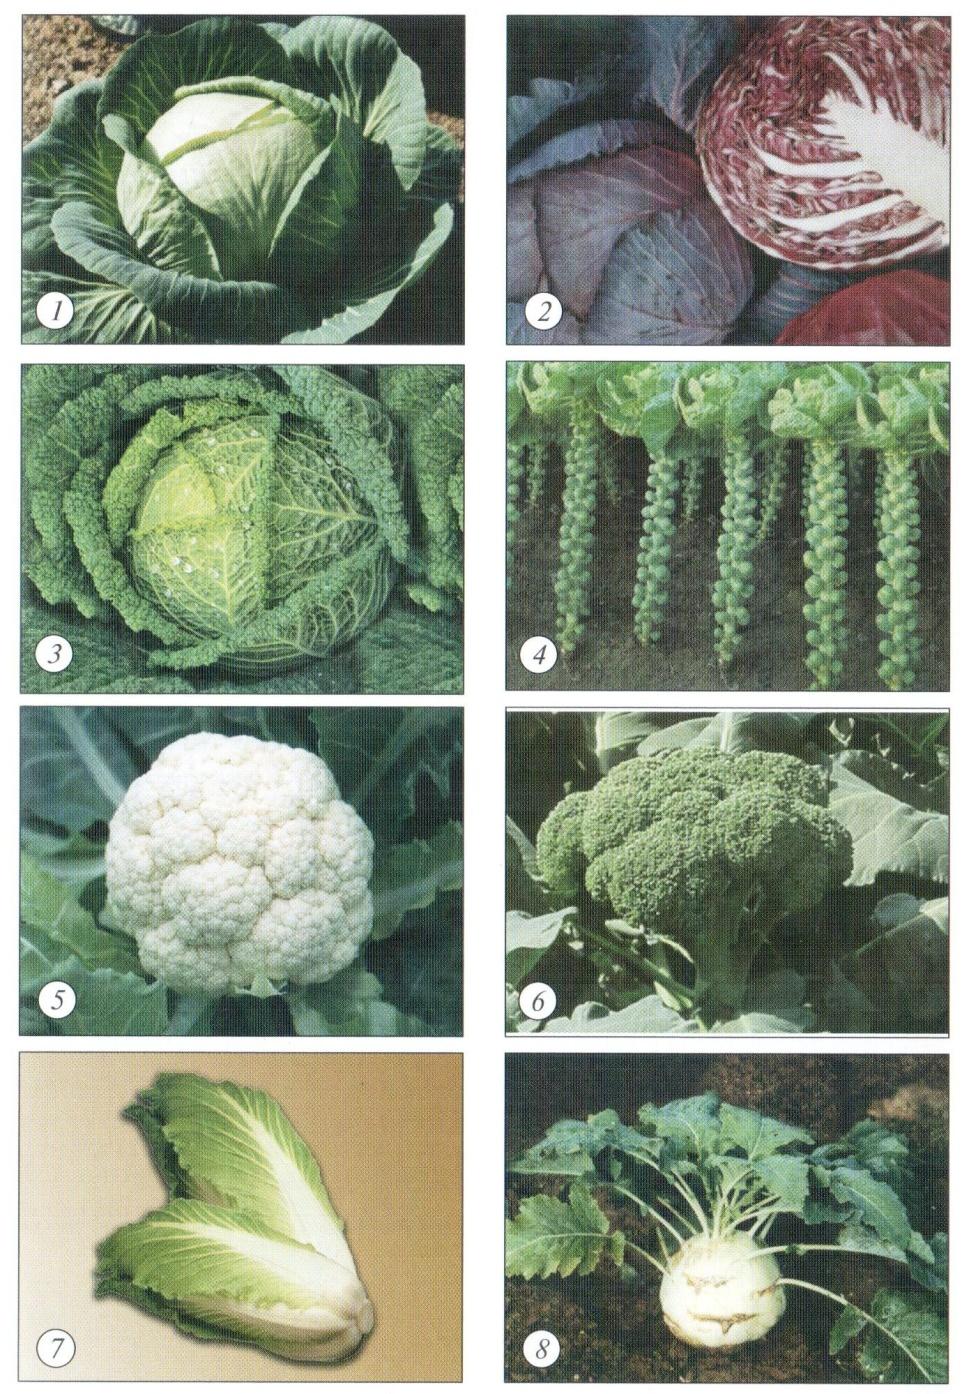 Разновидности капусты: названия и качественное описание